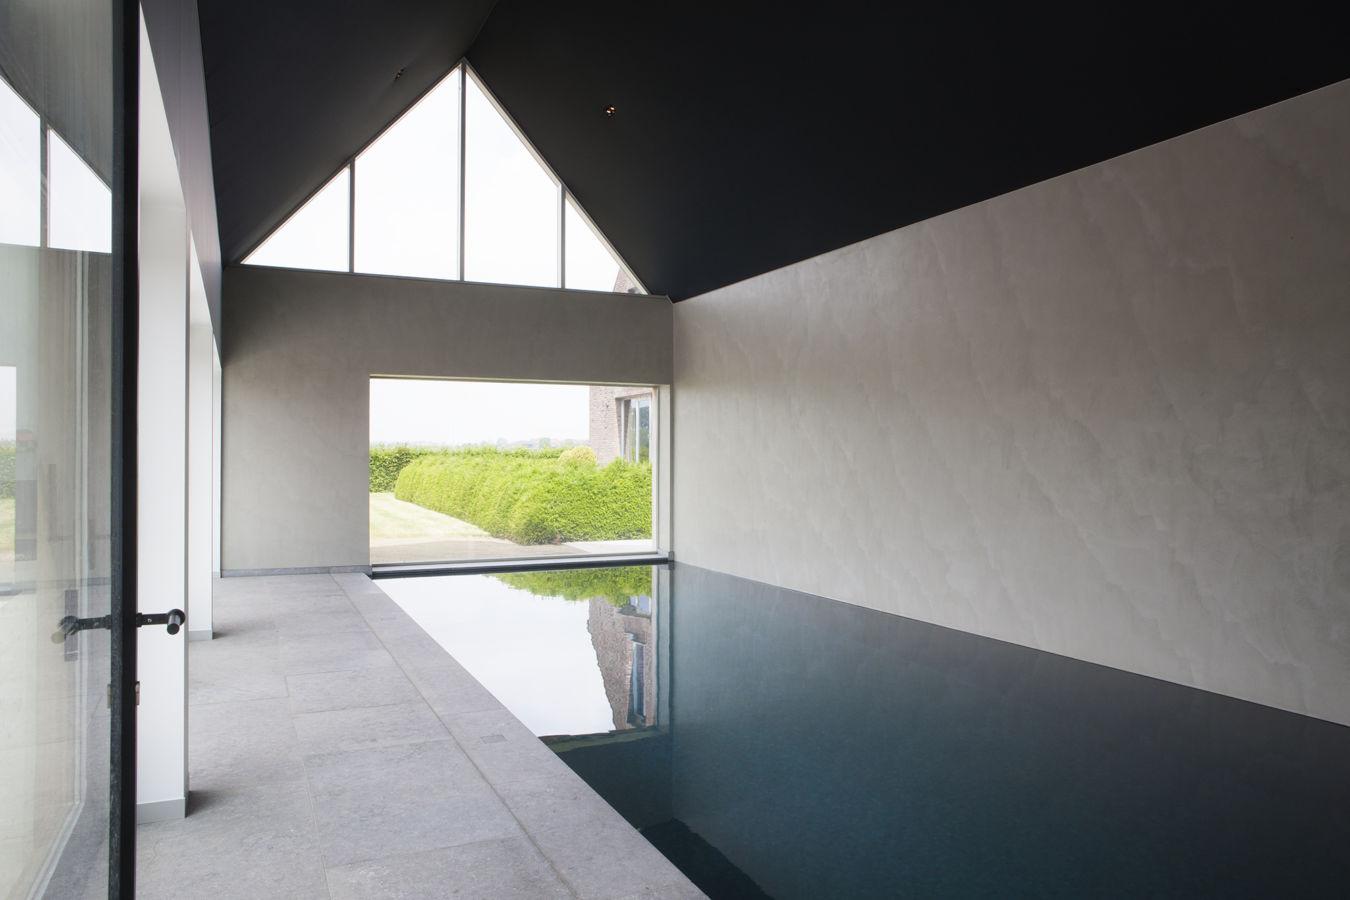 minimalistisch binnenbad